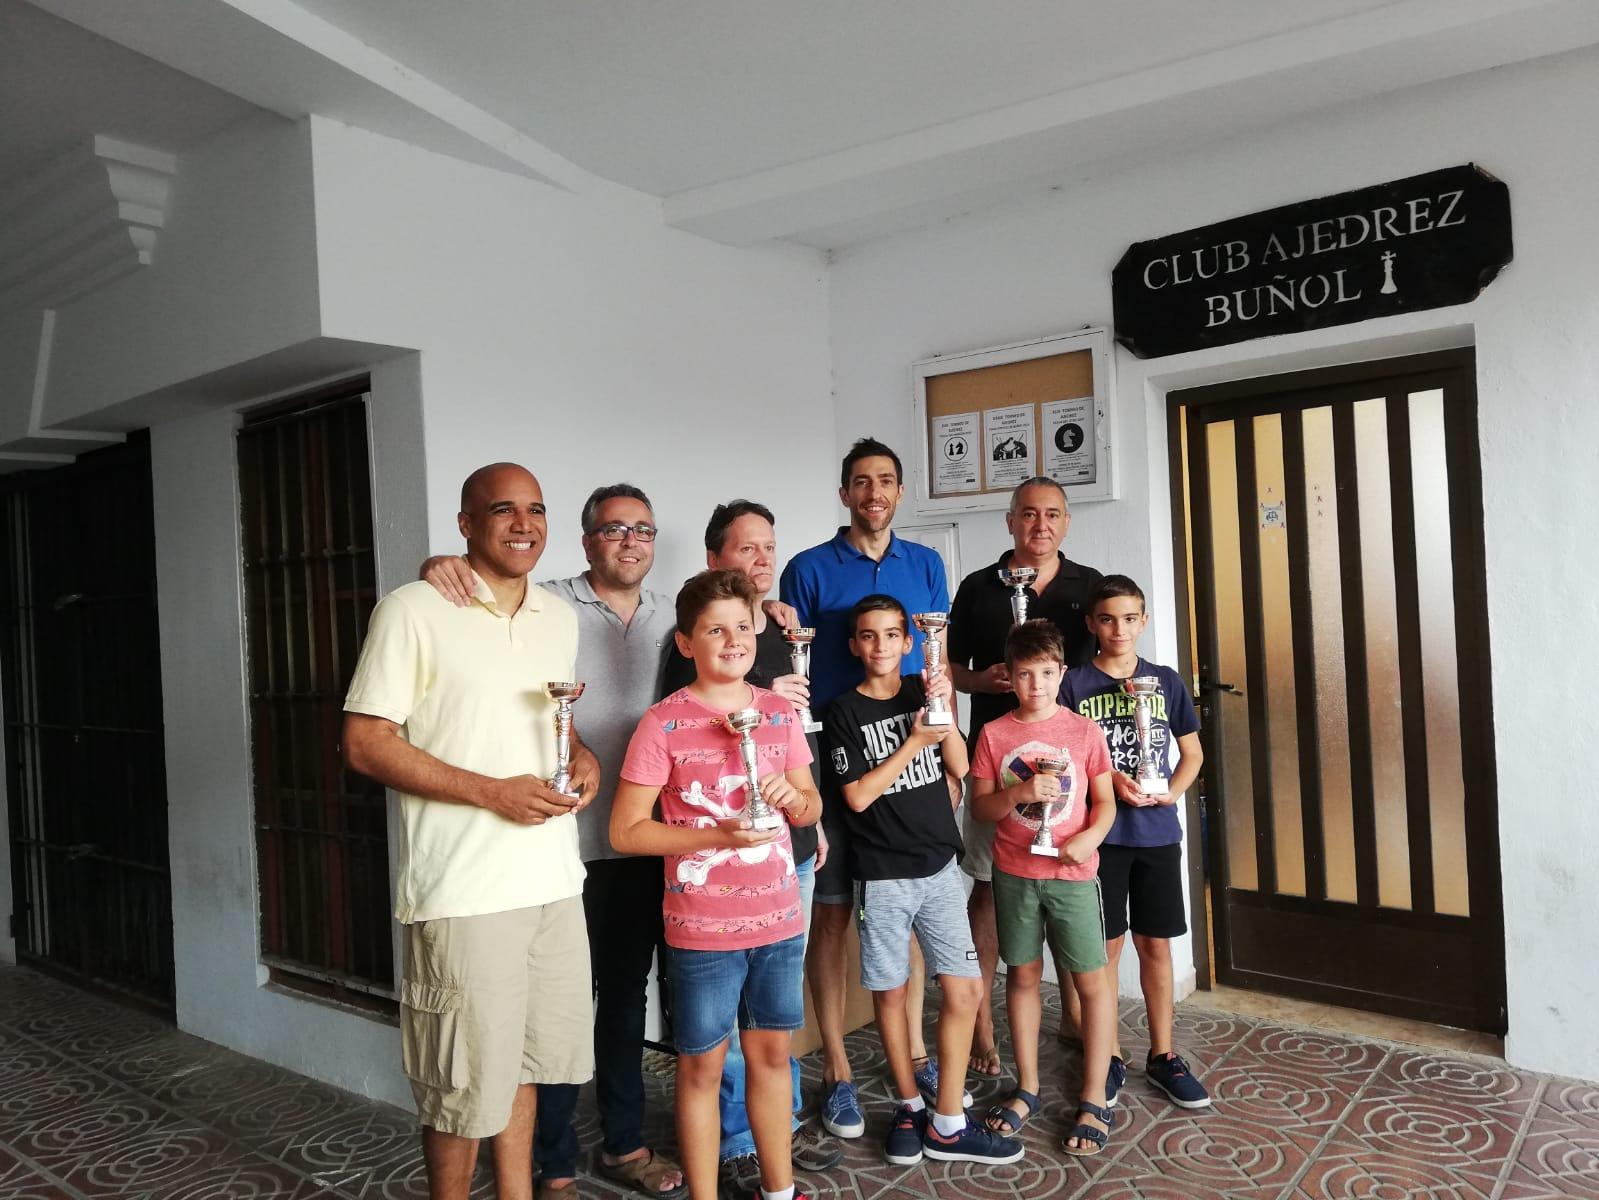 Els tres tornejos d'escacs disputats durant la Fira i Festes de Bunyol s'han congregat a 80 participants, que han disputat uns emocionants trofeus i han elevat el nivell d'un dels clàssics de l'esport a l'agost.